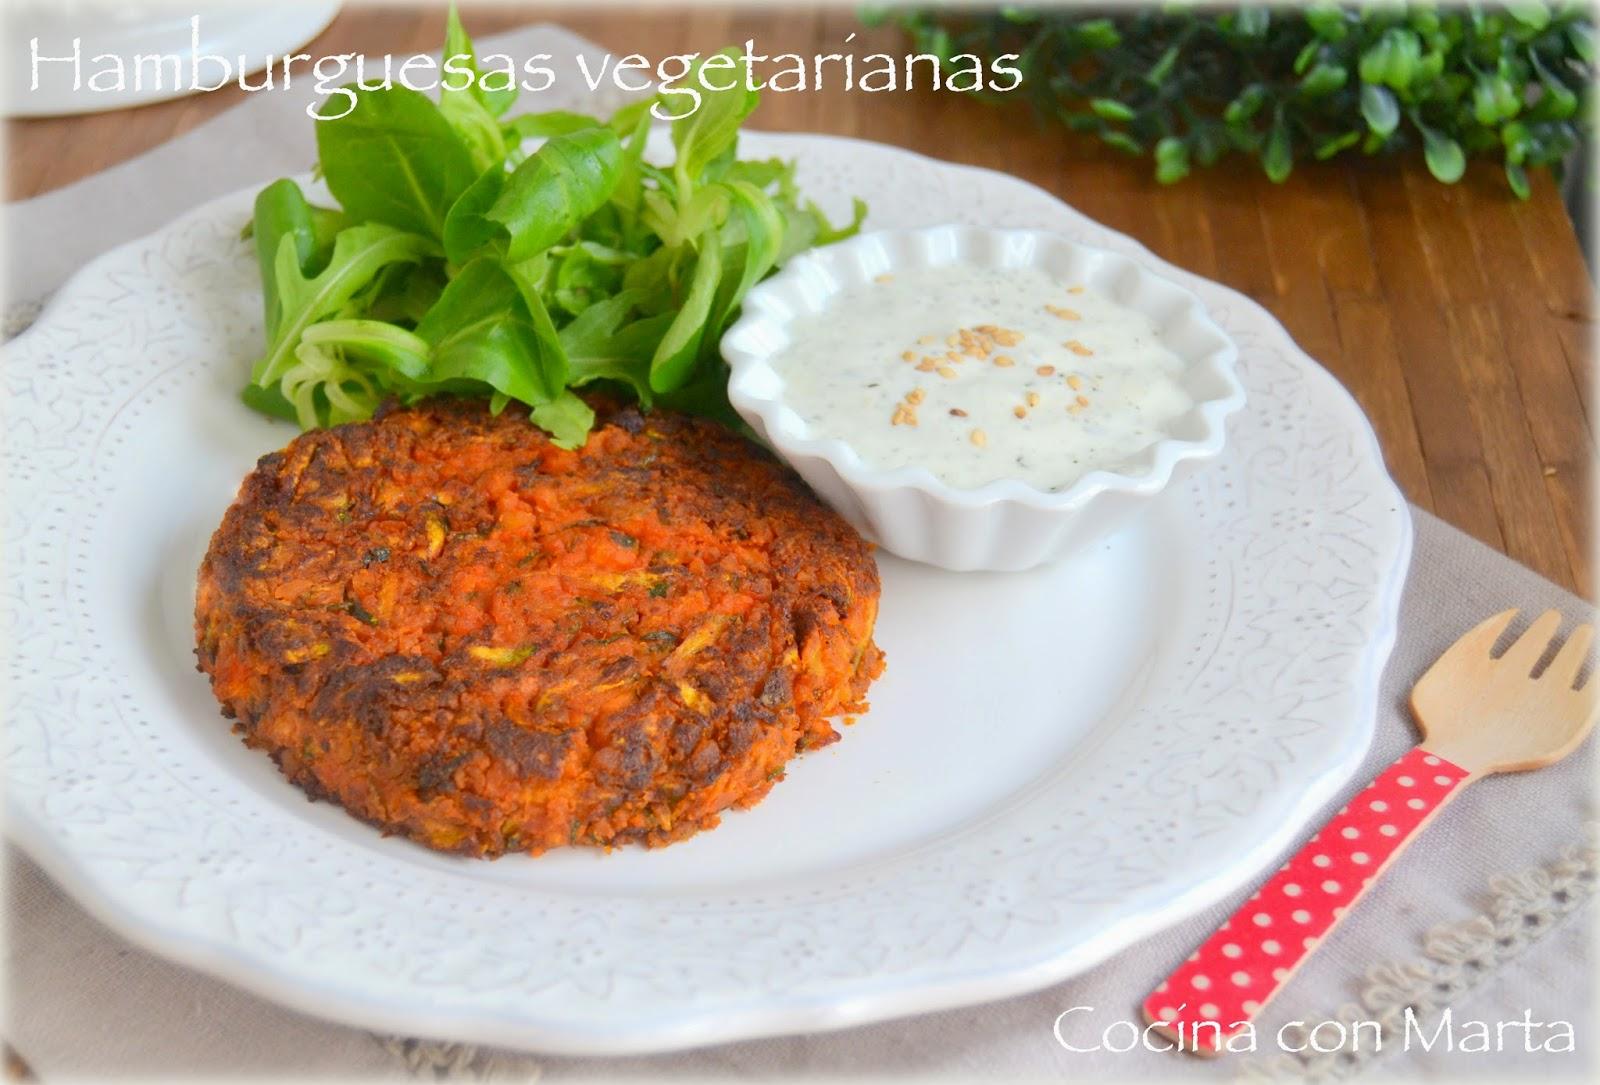 Hamburguesas vegetarianas de garbanzos y calabacín. Koftas caseras. Fácil, rápido y sano.